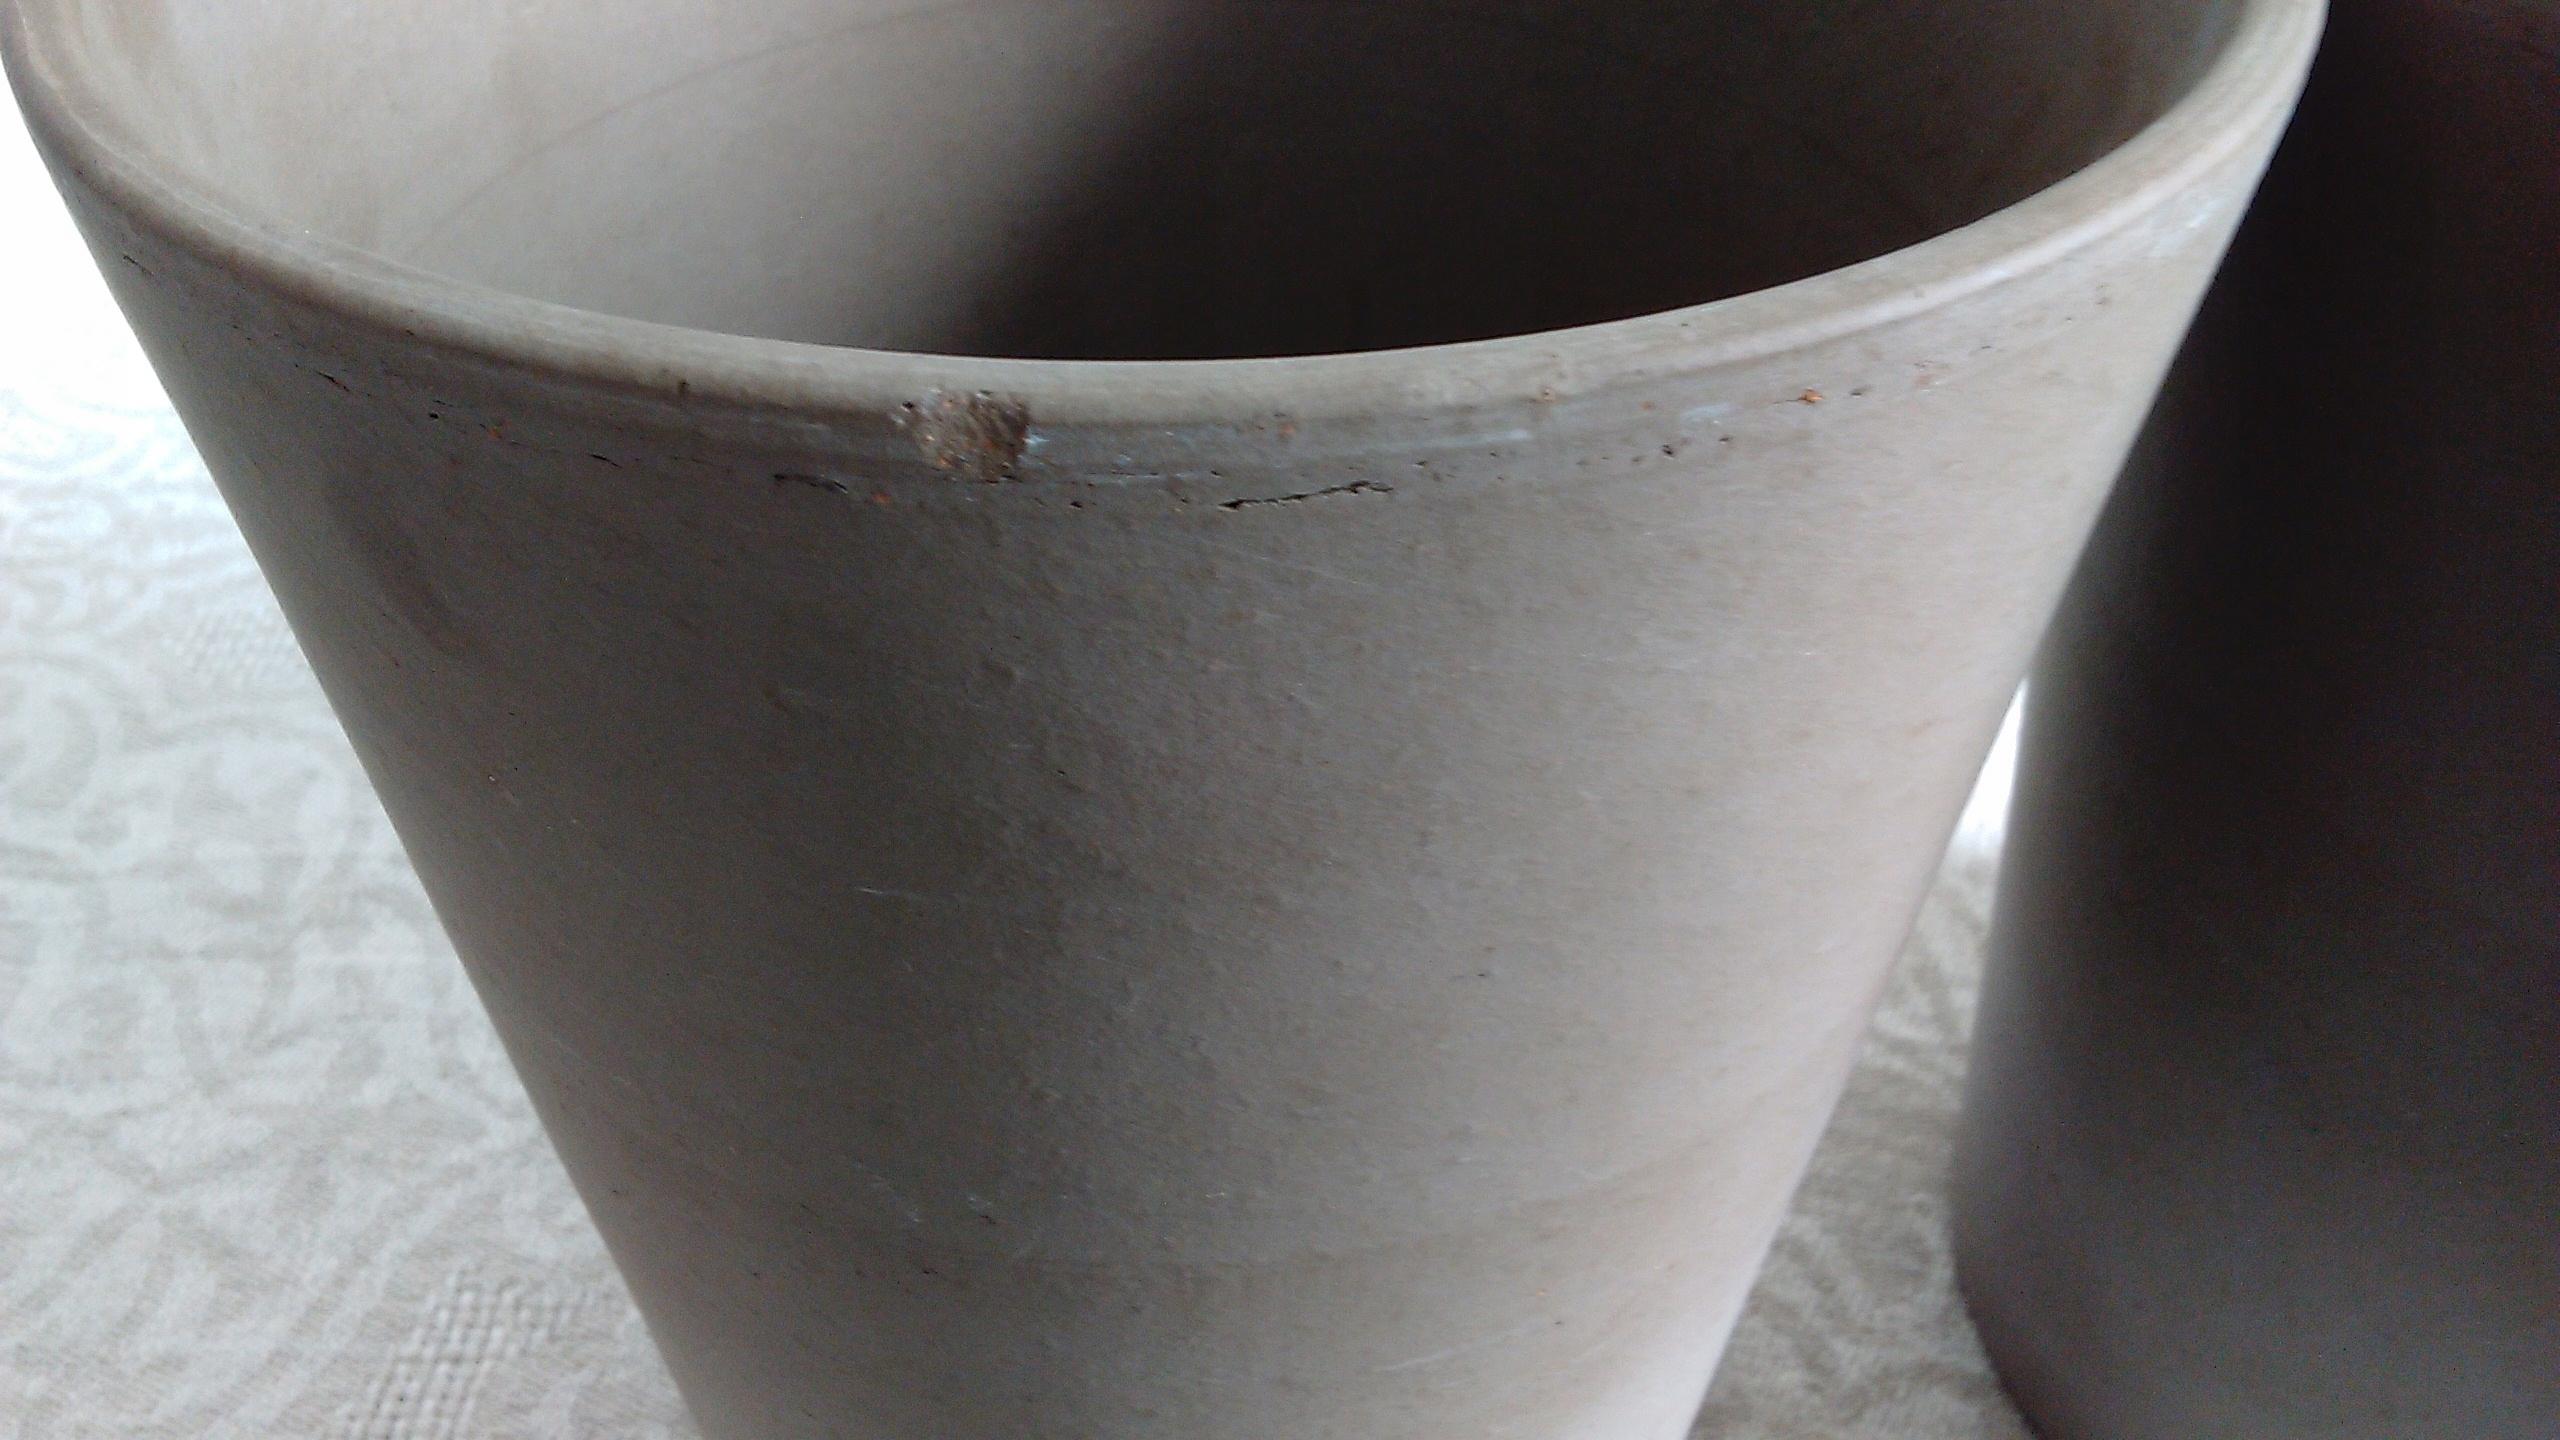 Ikea Doniczka Osłonka Ceramiczna Gliniana 2 Szt 8095476764